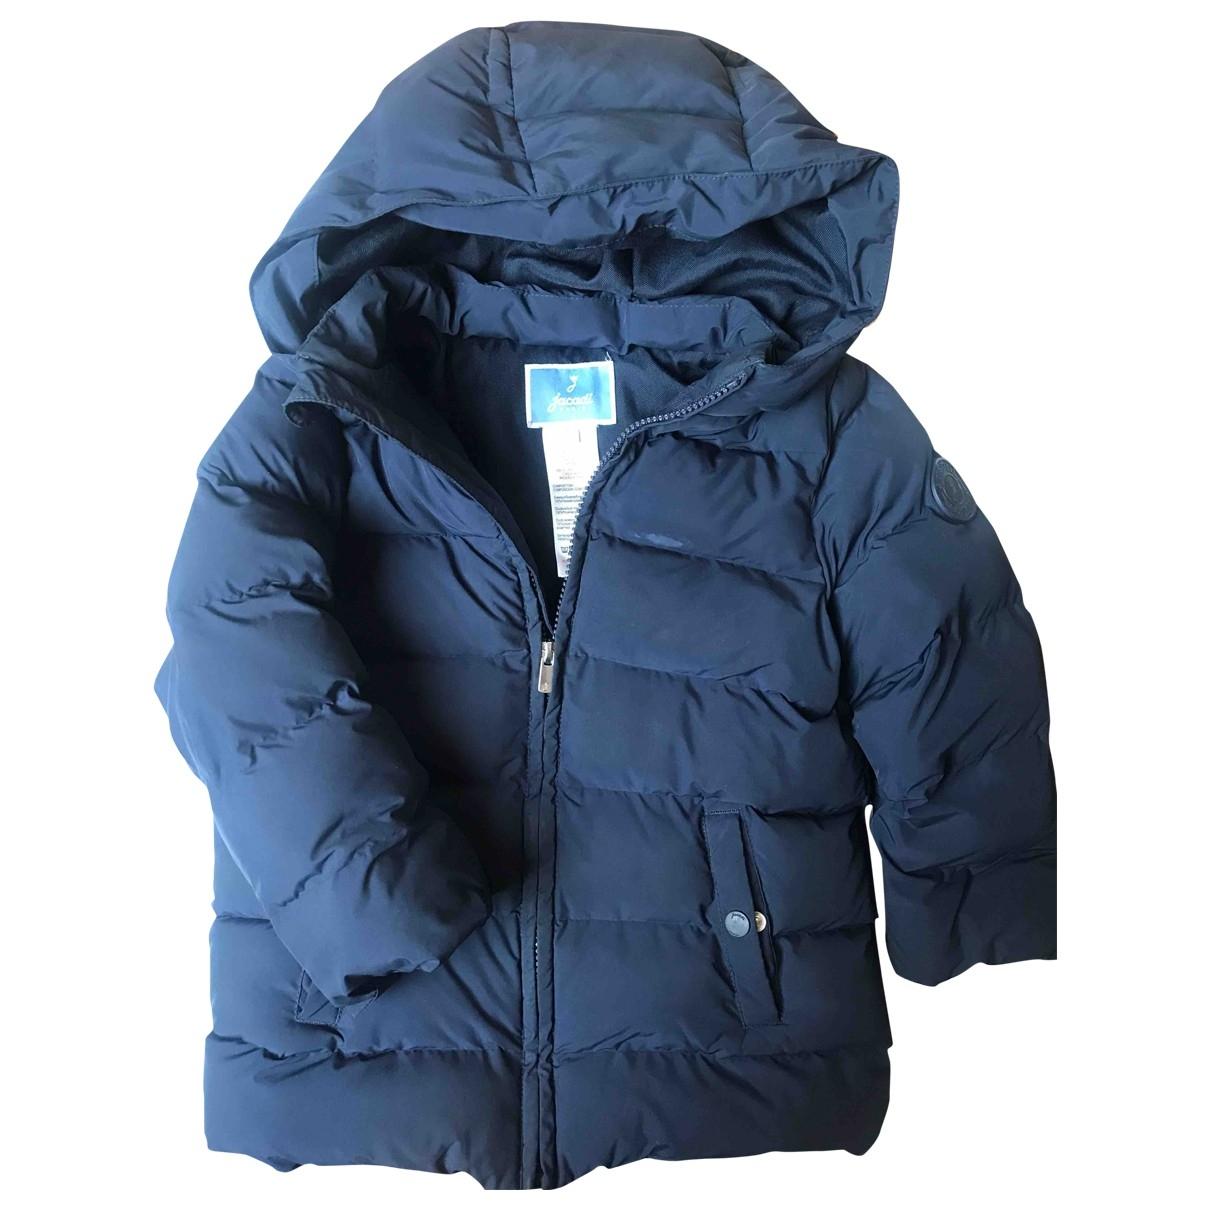 Jacadi - Blousons.Manteaux   pour enfant - bleu